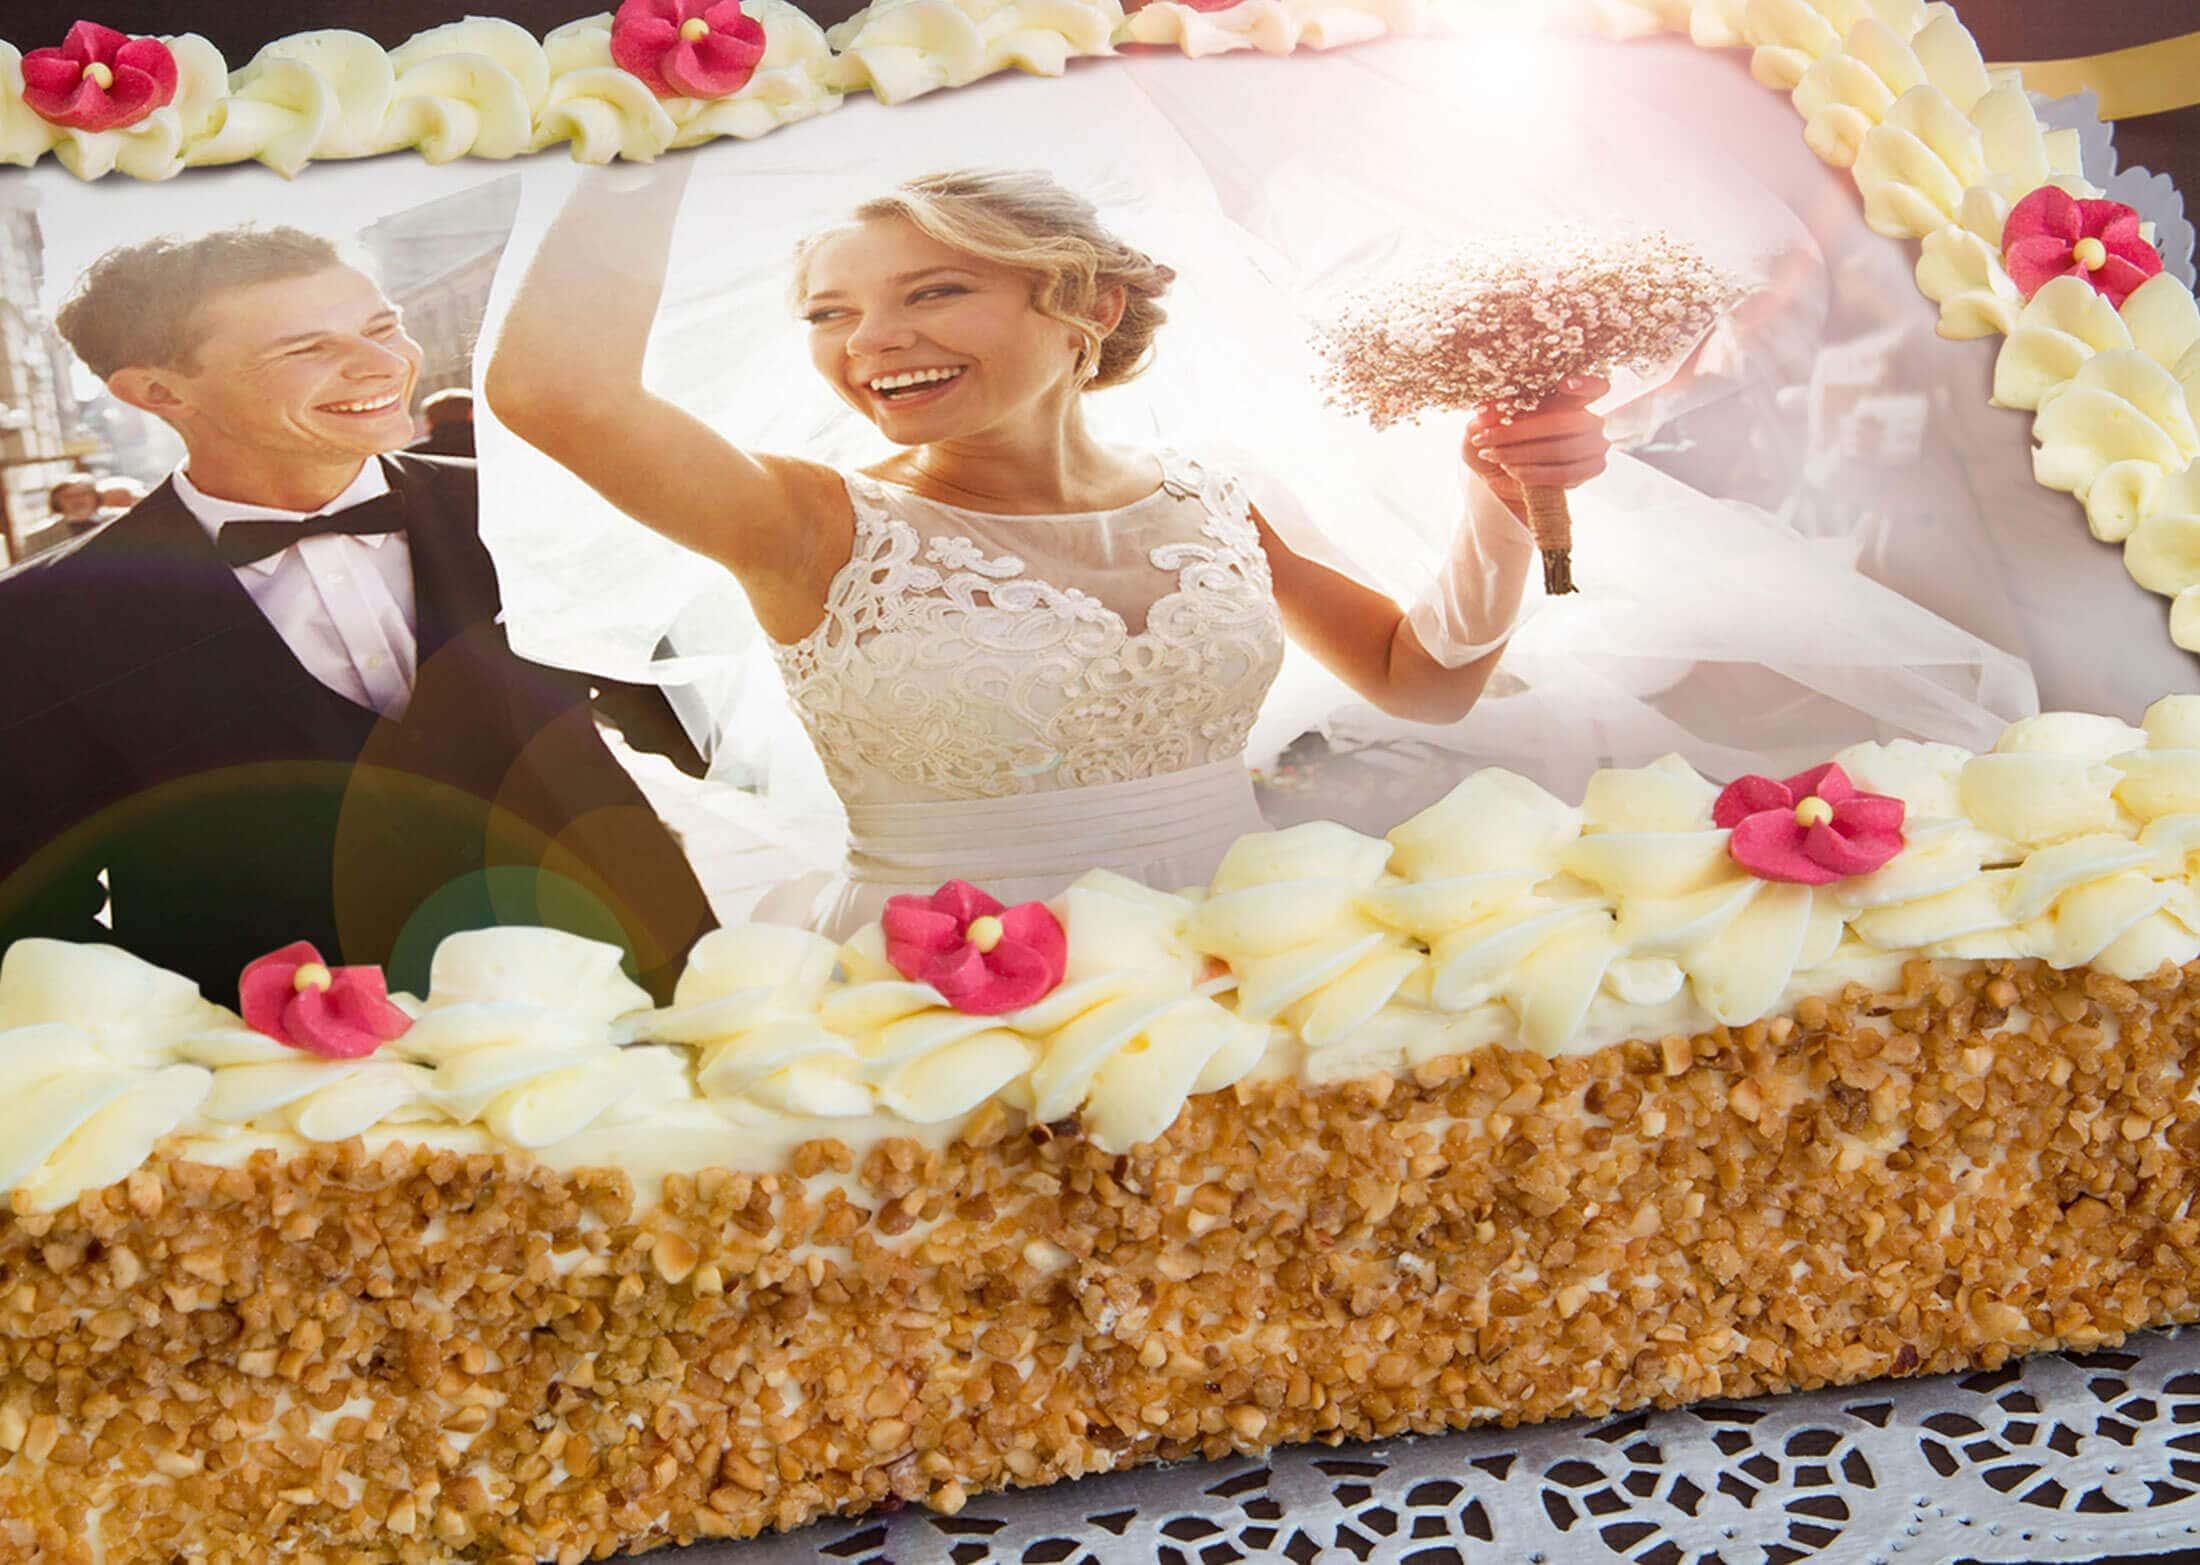 Hochzeit-Wunschbild-Torte